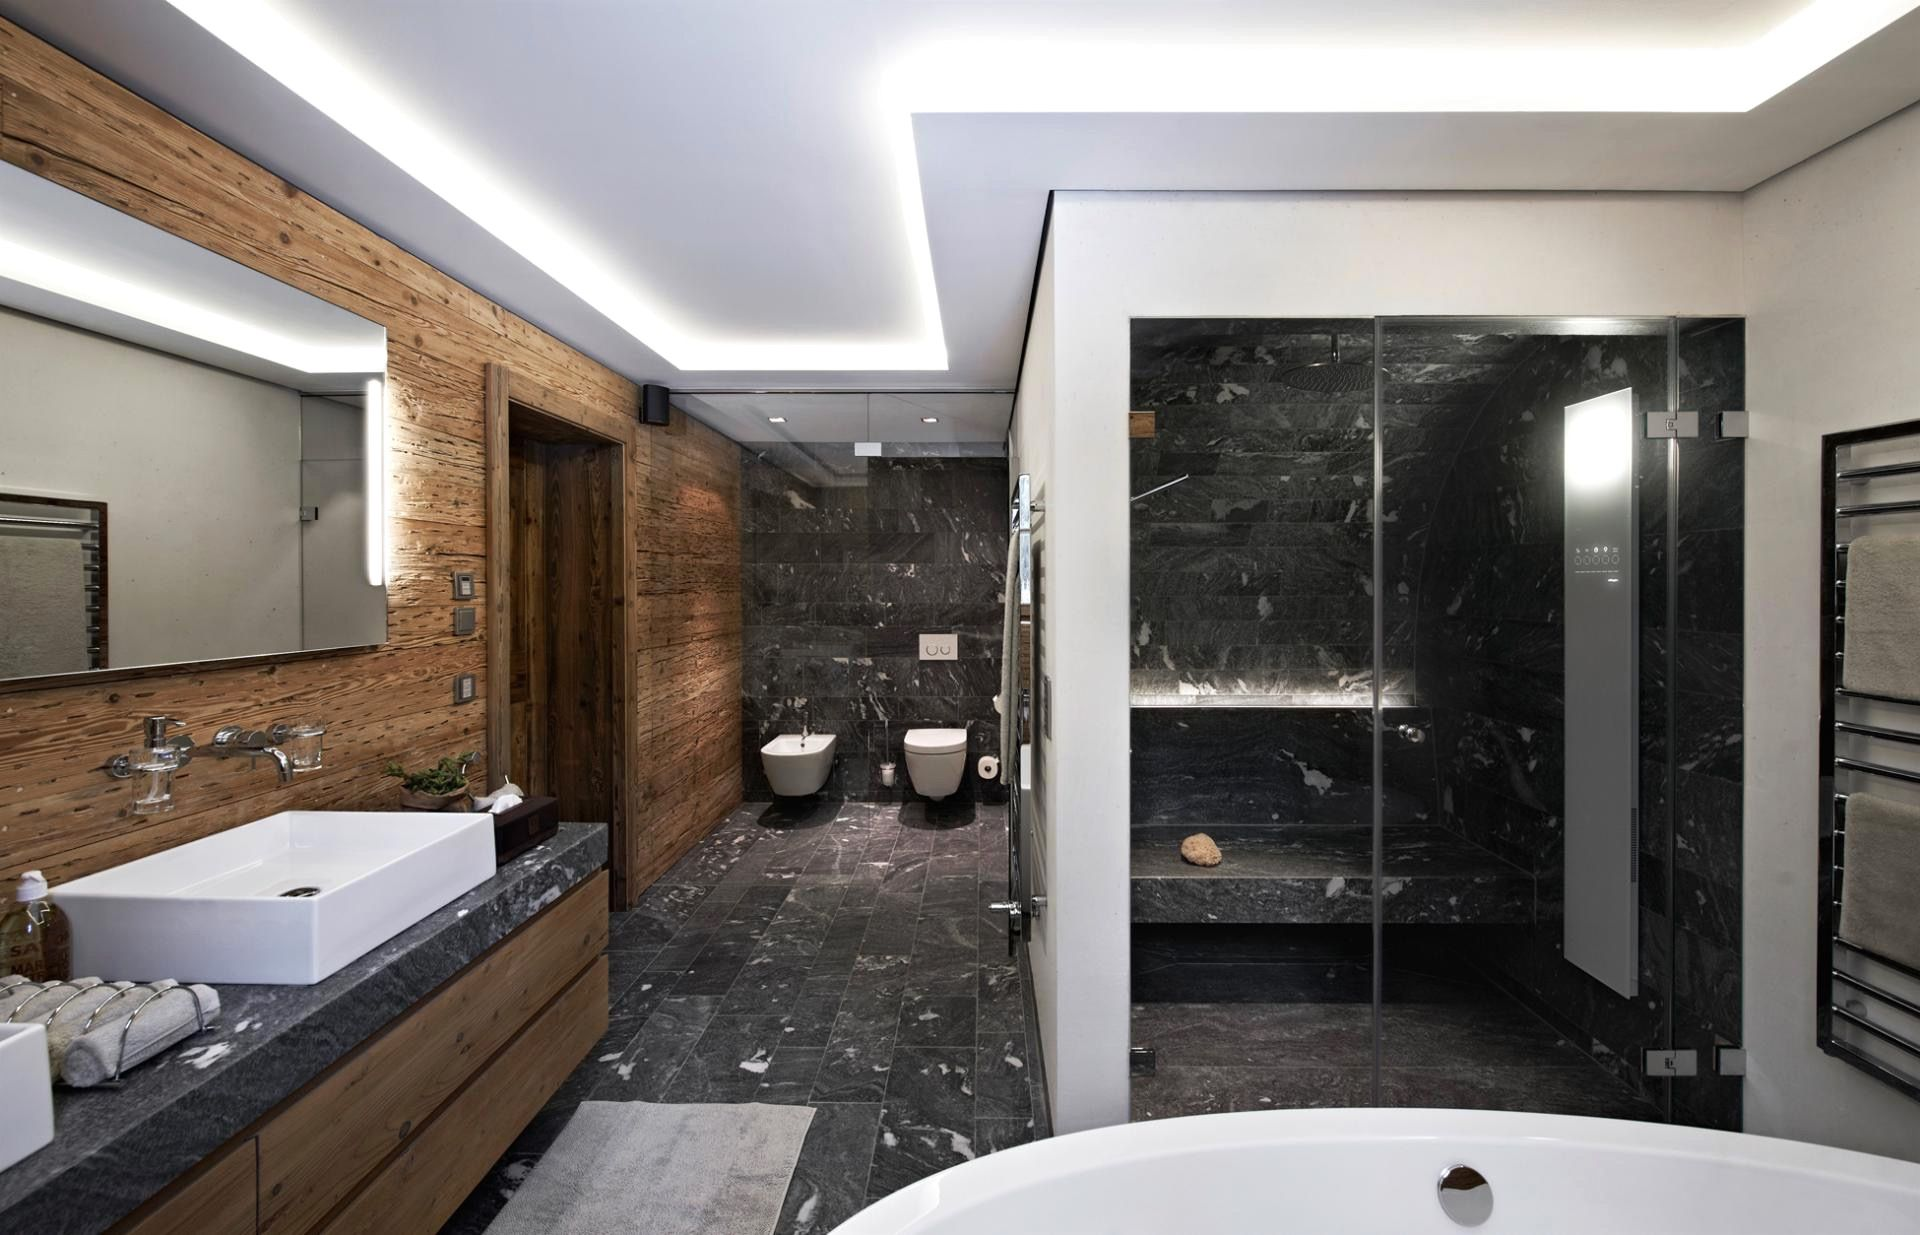 Wundervoll Schockierend Badezimmer Rustikal Und Trotzdem Cool Auf Moderne Ideen Fur  Haus Dekoration In Gesellschaft Mit 11